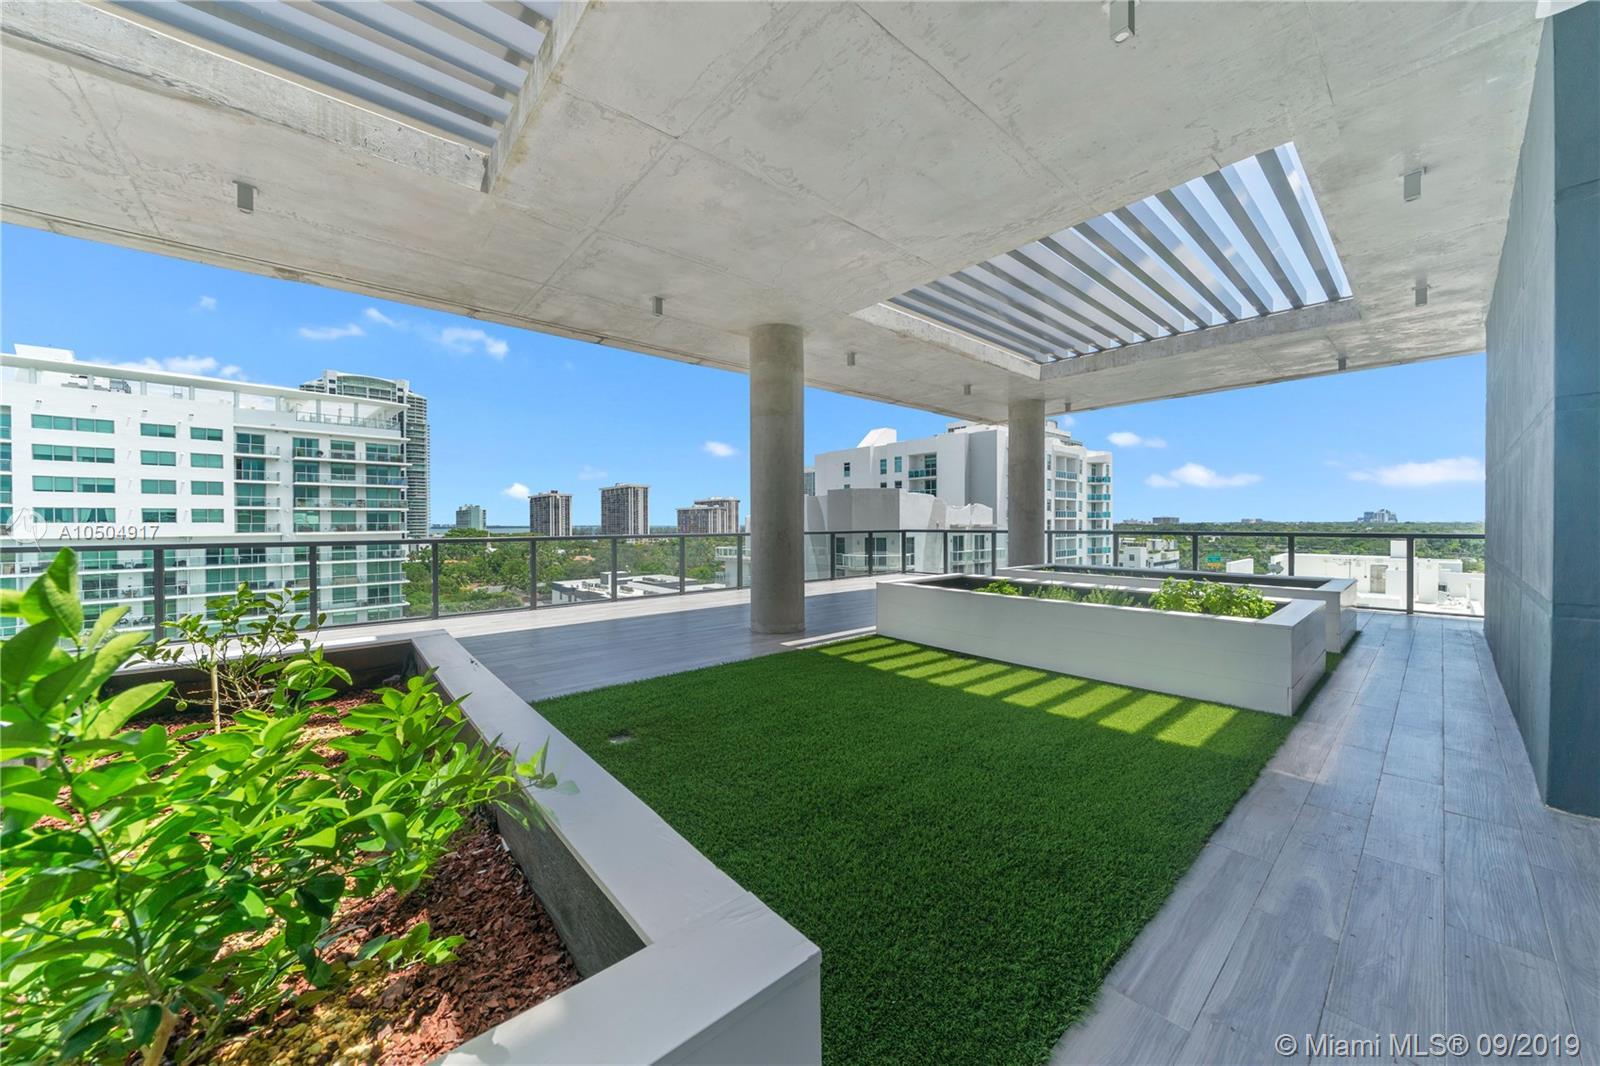 201 SW 17th Rd, Miami, FL 33129, Cassa Brickell #602, Brickell, Miami A10504917 image #12